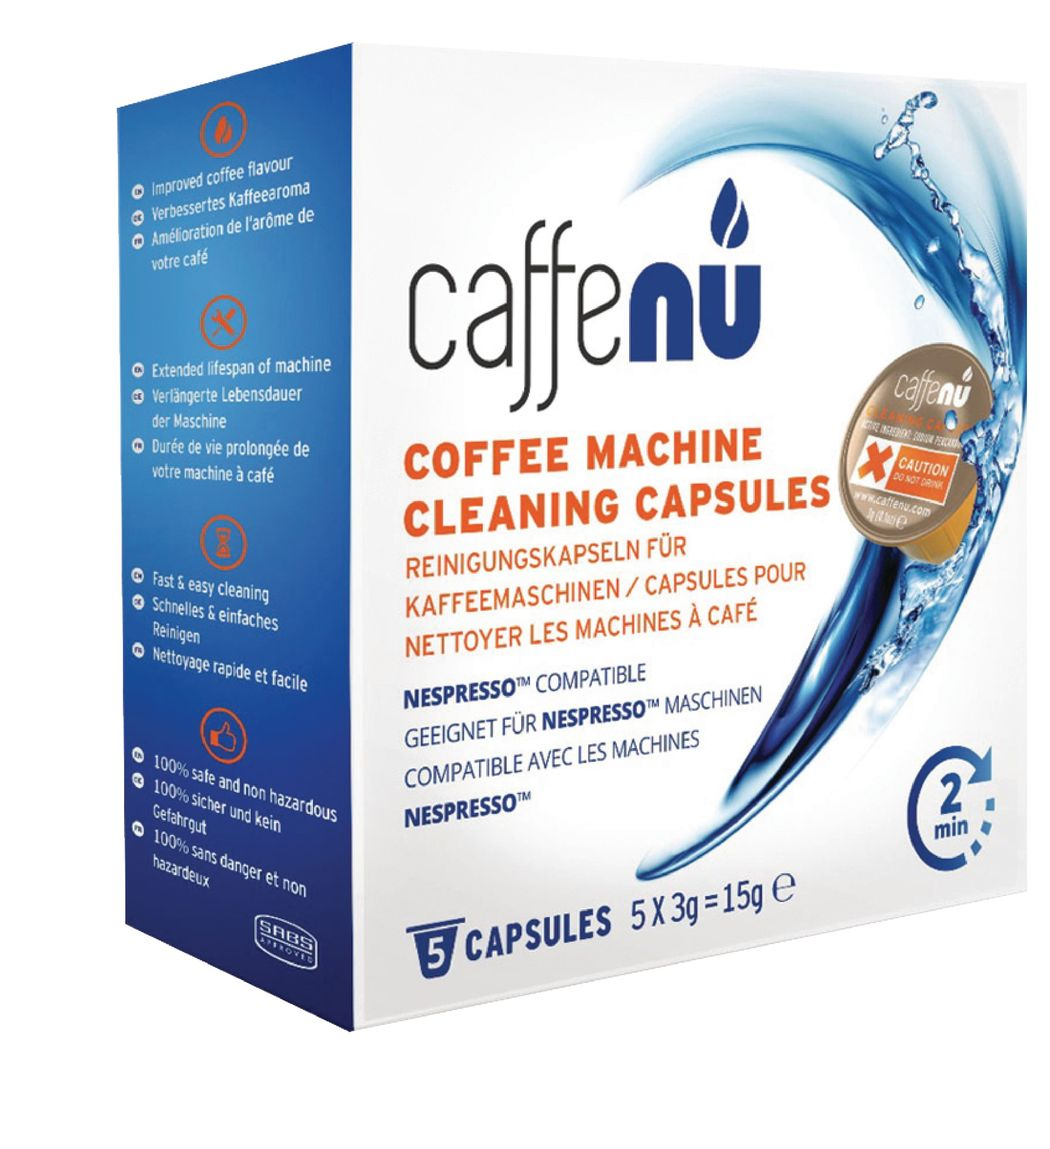 Schoonmaak capsules voor Nespresso koffie machine